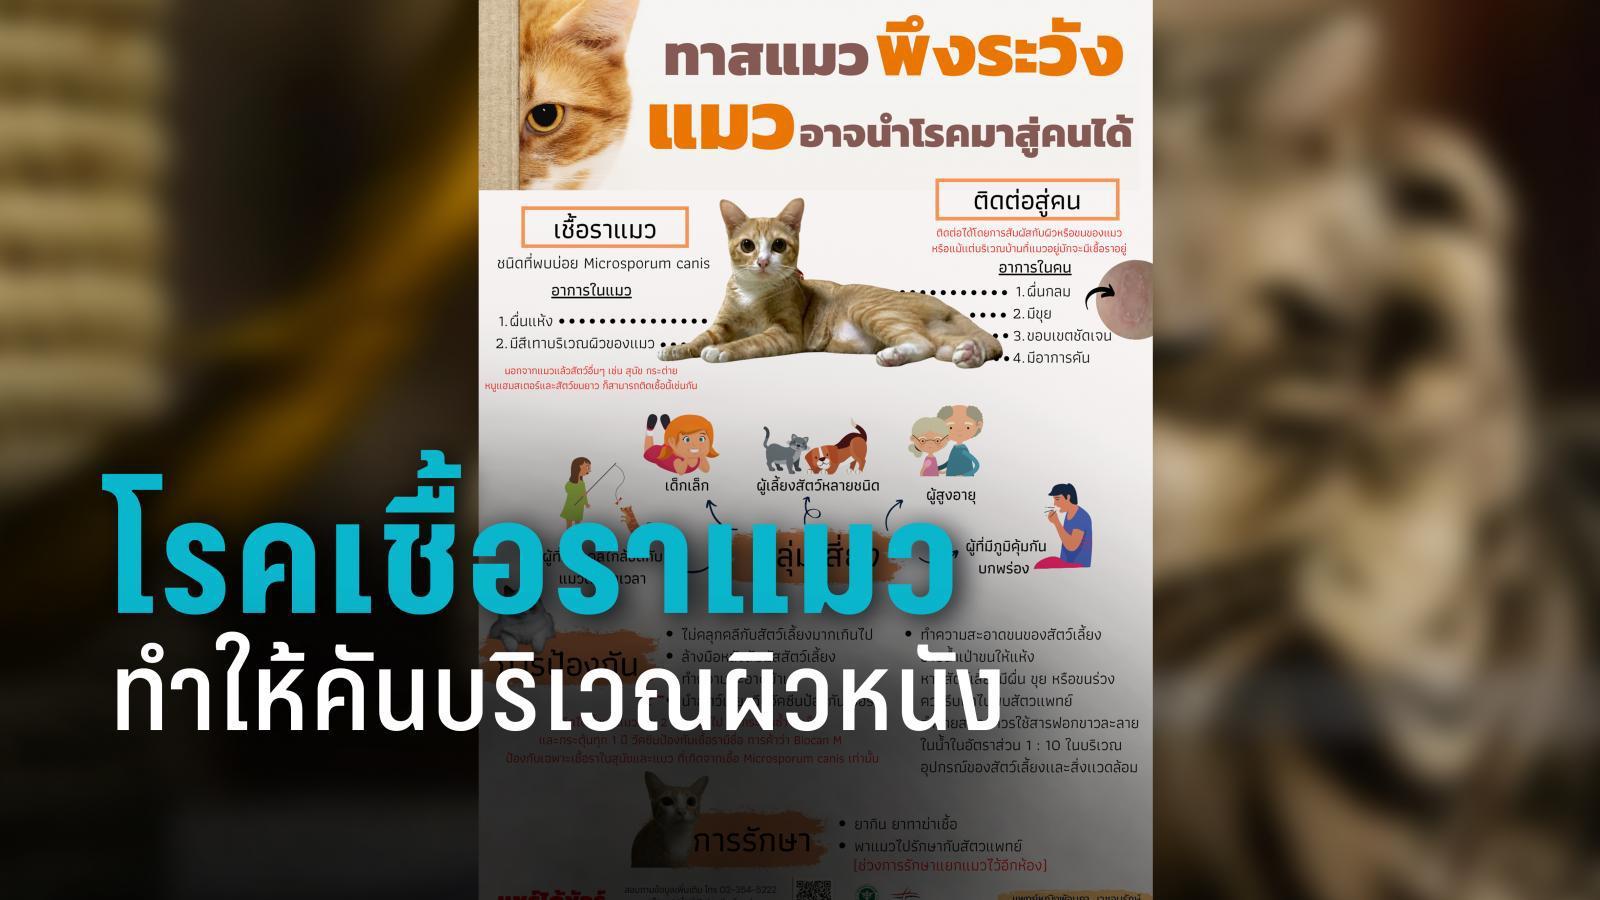 ทาสแมวพึงระวัง! แพทย์ผิวหนัง เตือนแมวอาจนำโรคมาสู่คน